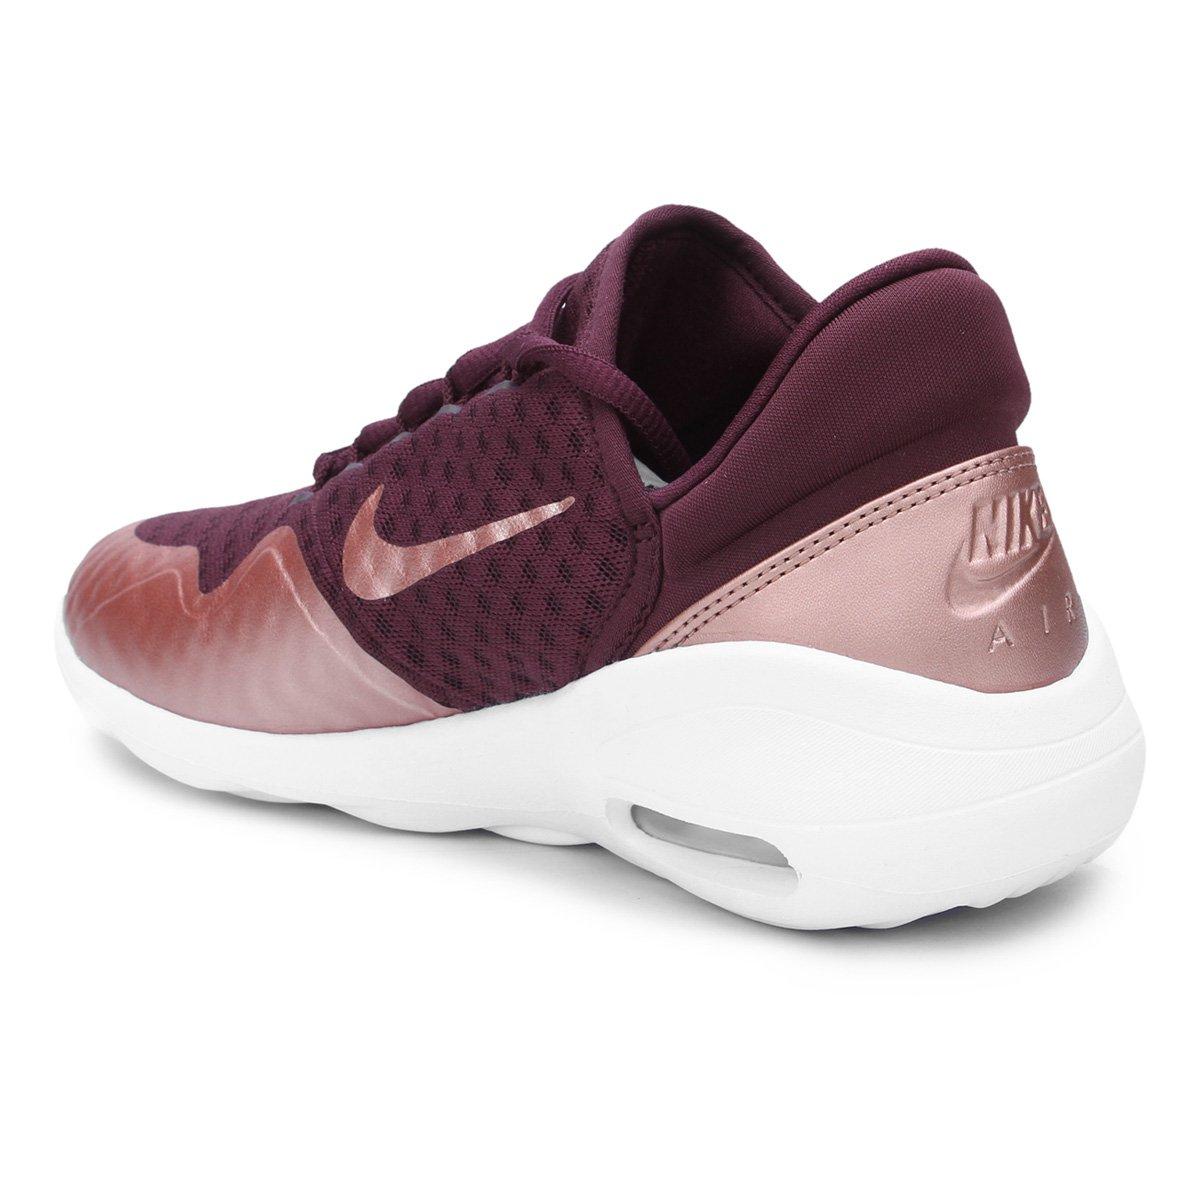 Tênis Nike Air Max Sasha Feminino - Vinho - Compre Agora   Netshoes 982612c945